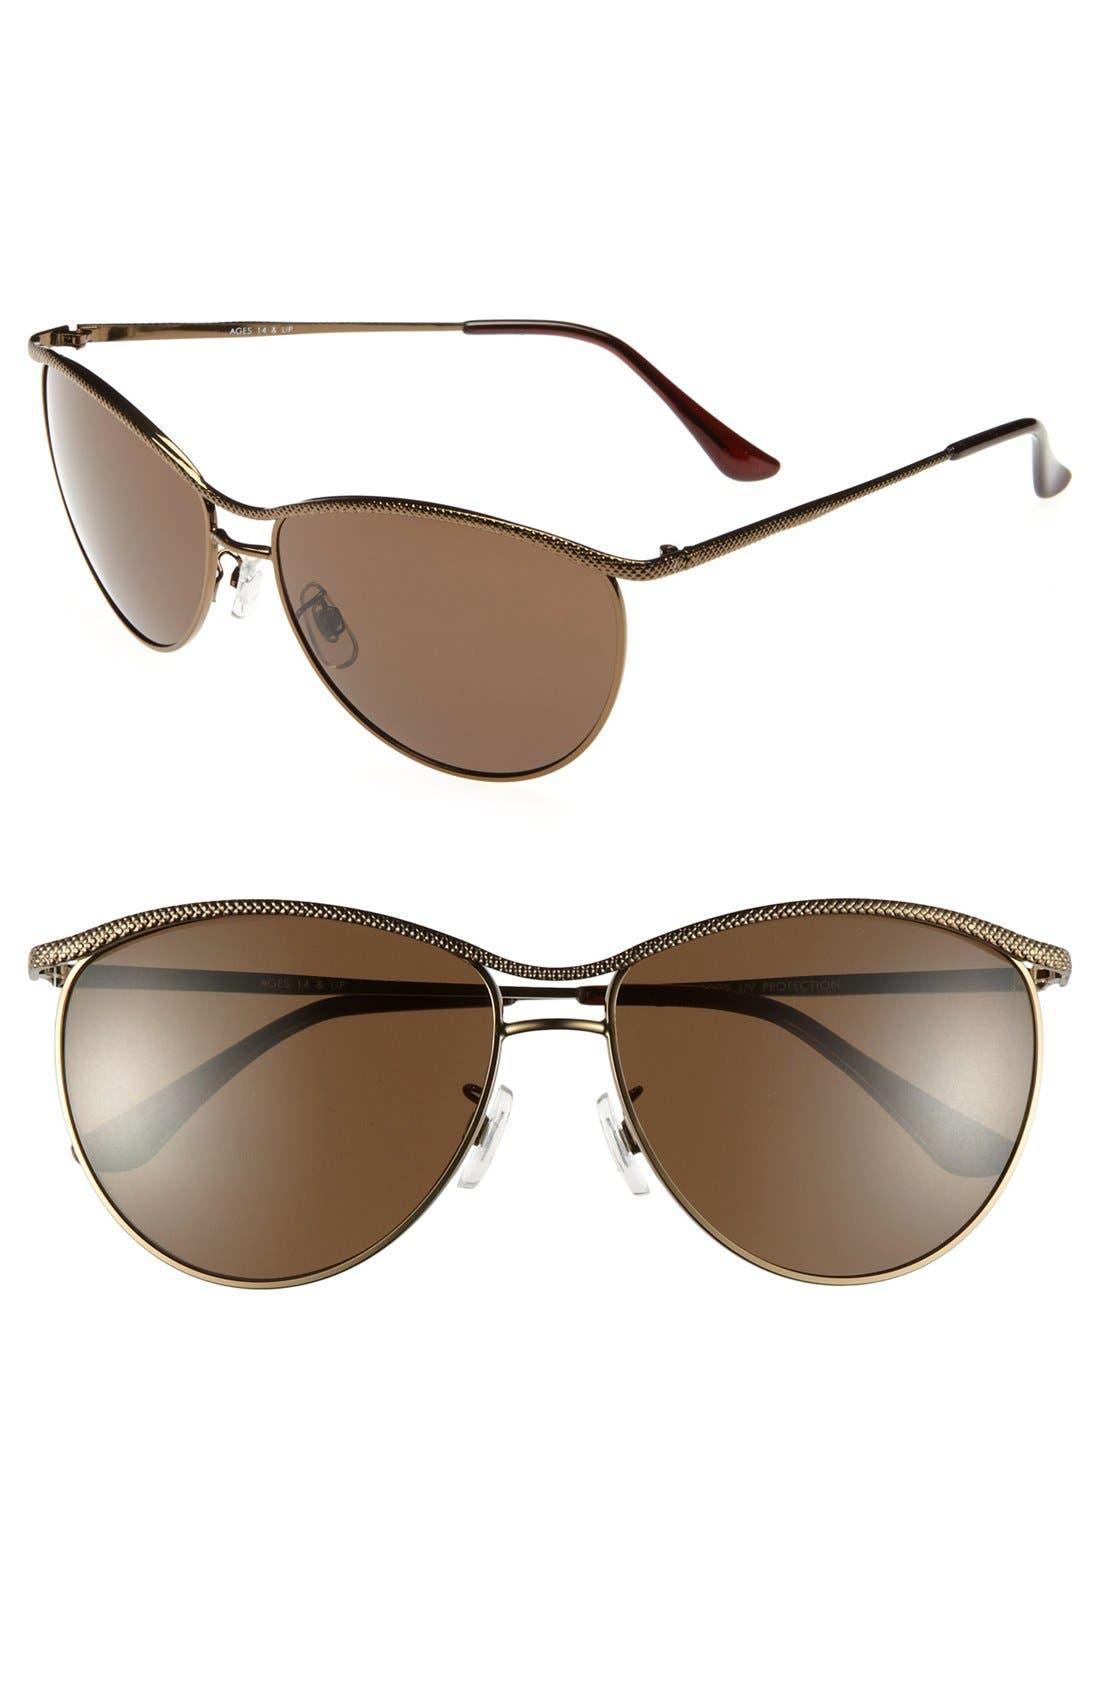 Main Image - FE NY 'Harley' Sunglasses